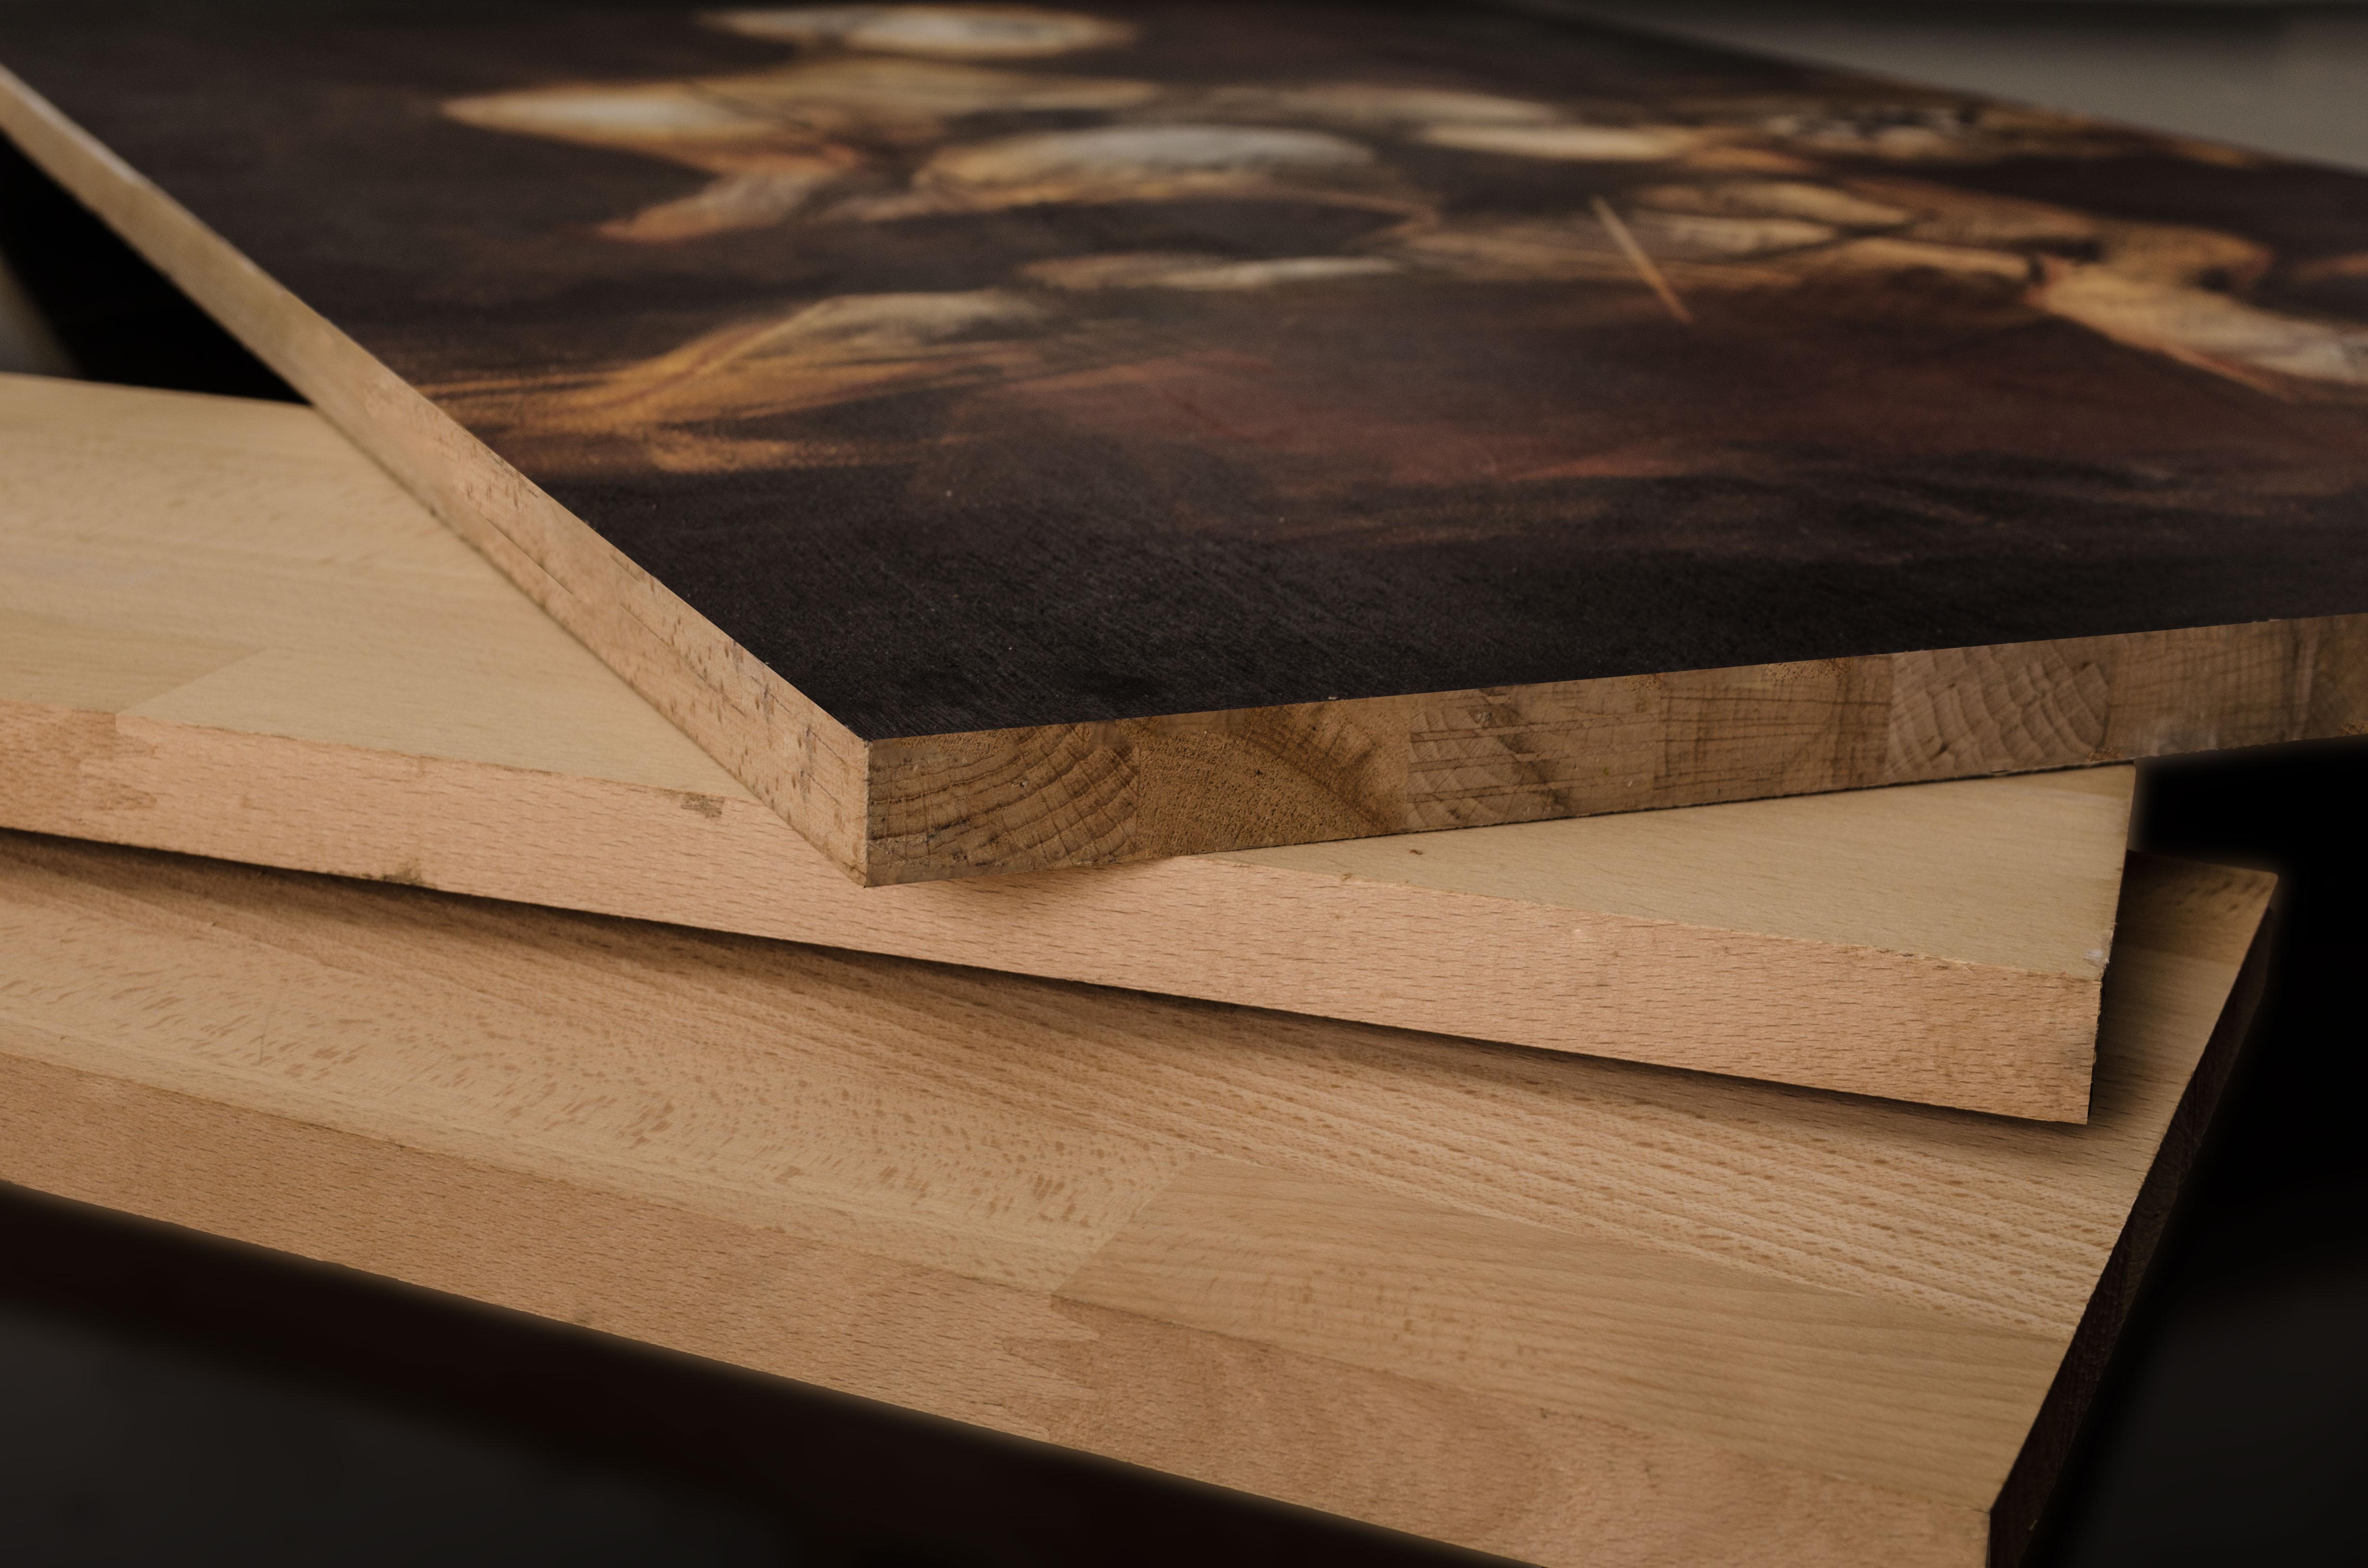 druck auf holz holzdruck auf buchenholz. Black Bedroom Furniture Sets. Home Design Ideas